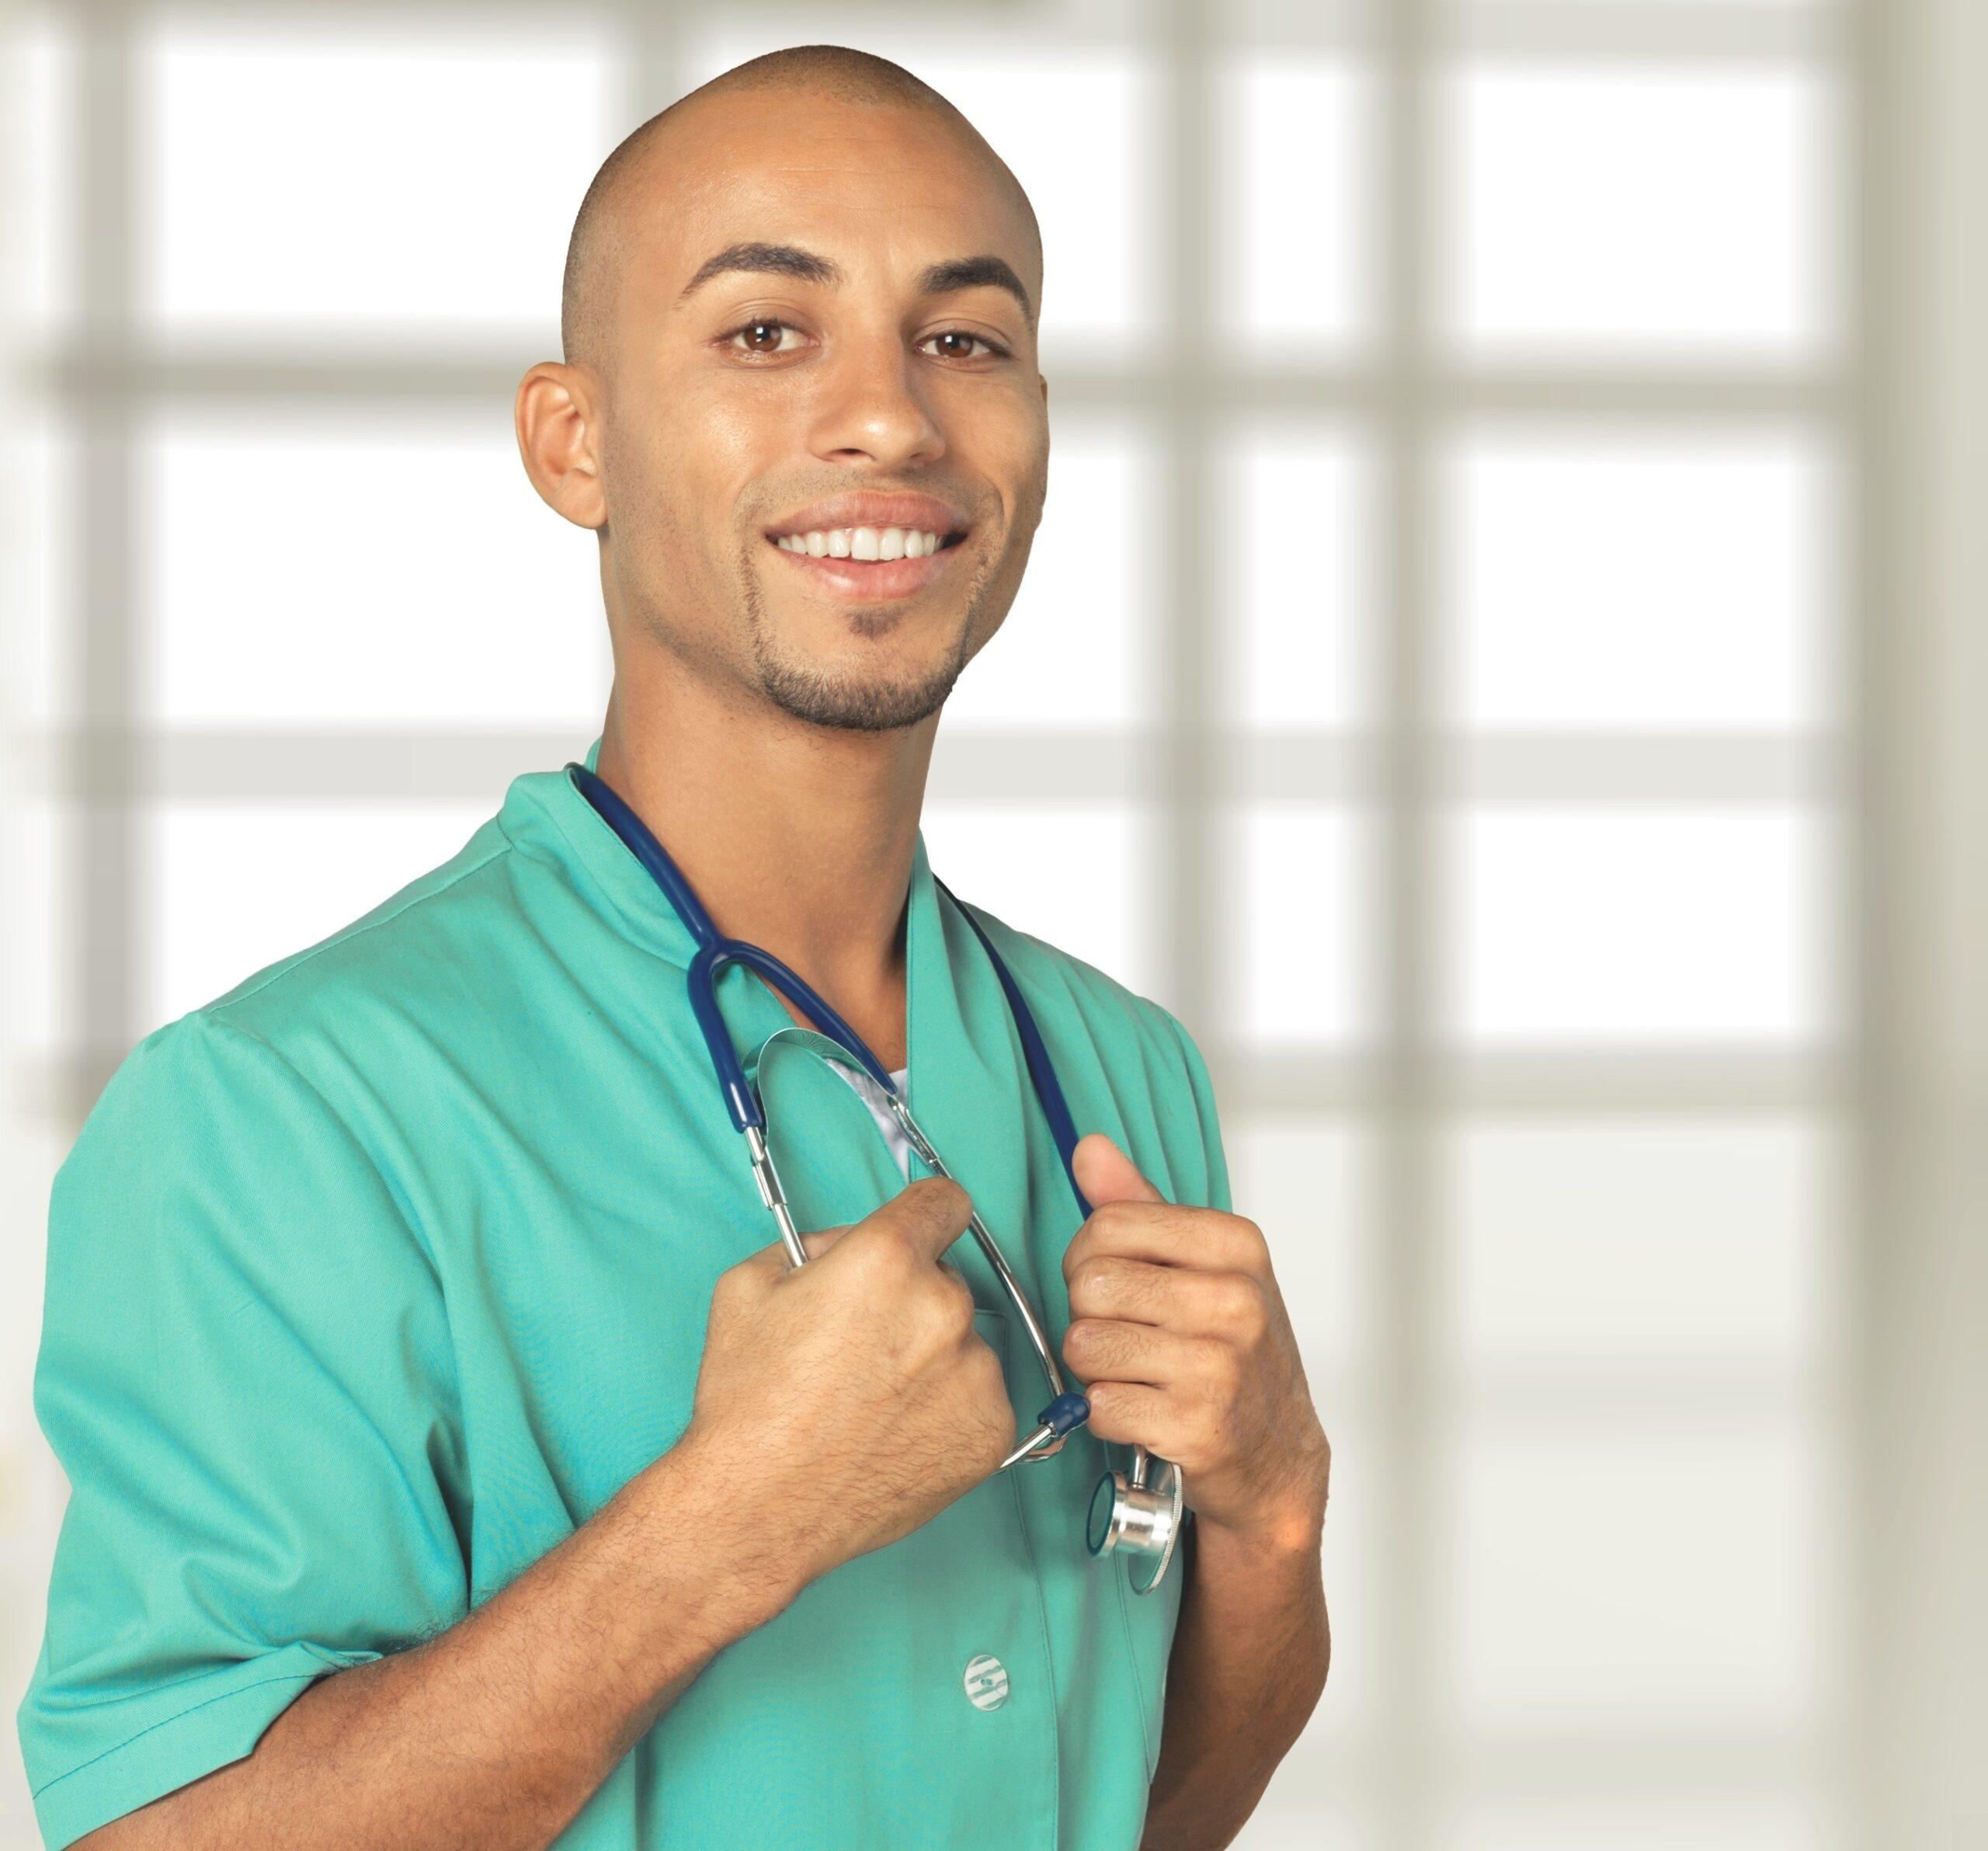 caregiver job description for resume